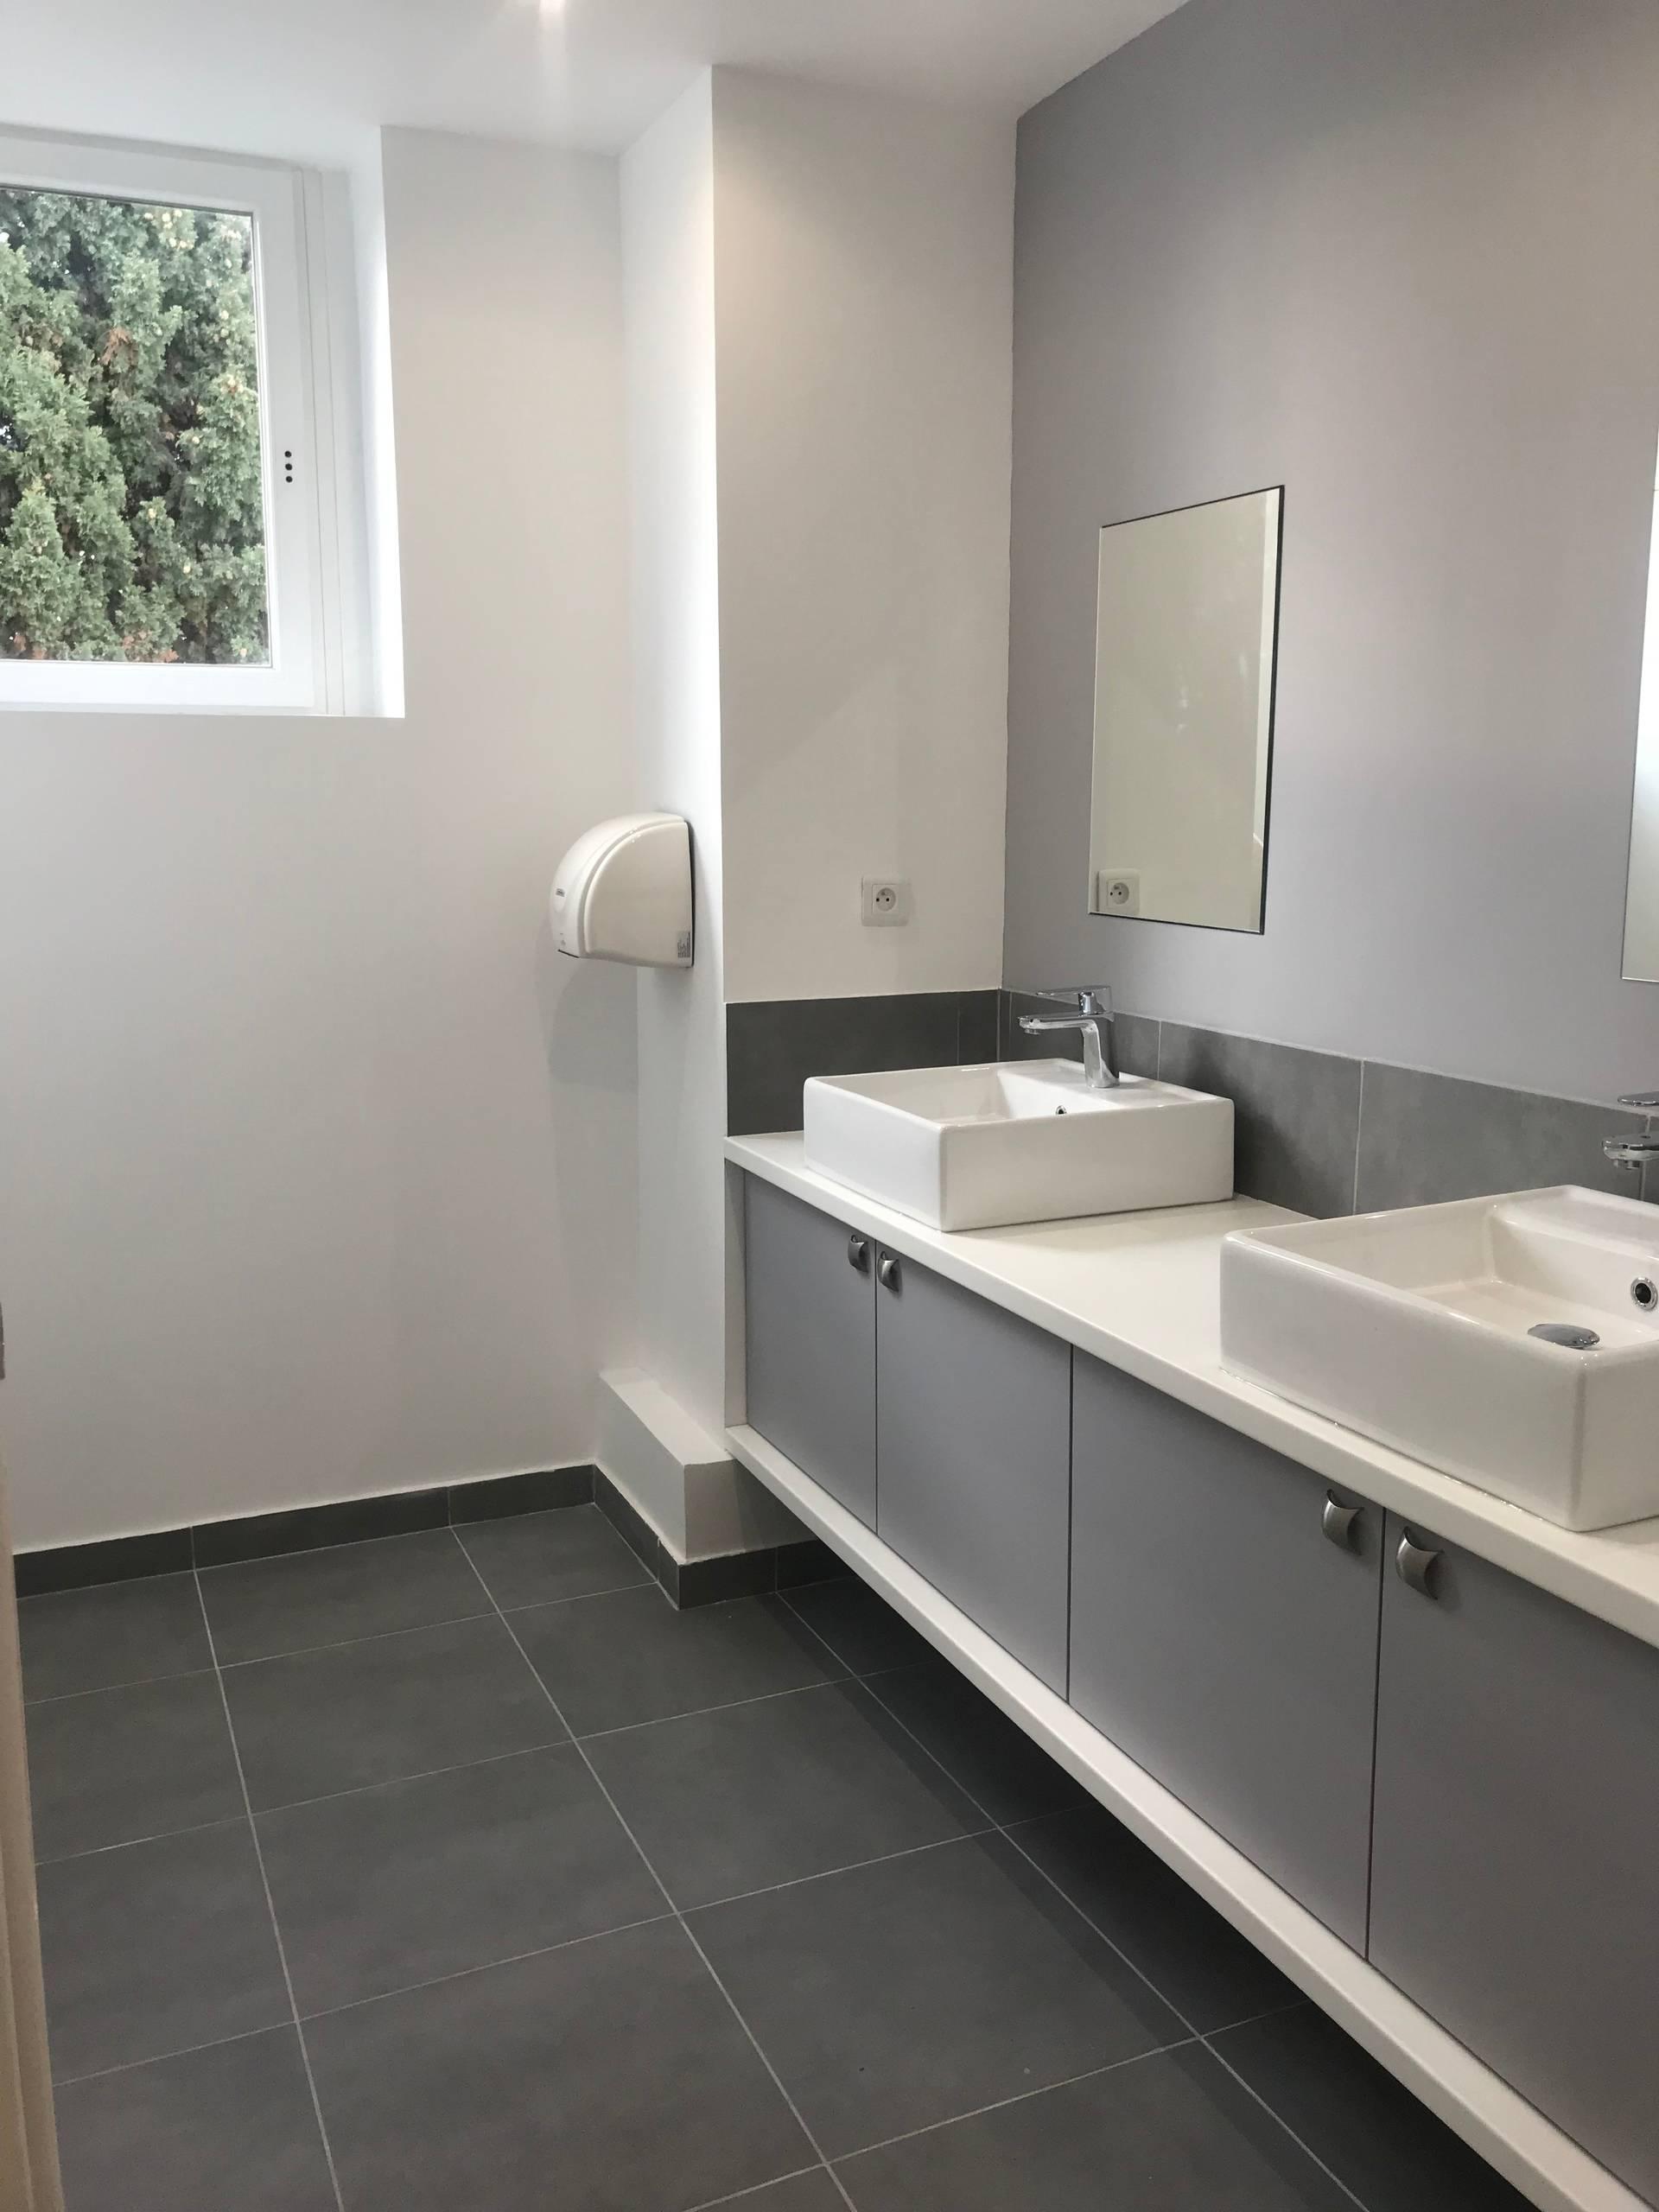 Rénovation de sanitaires avec mise aux normes PMR dans une immeuble de bureaux